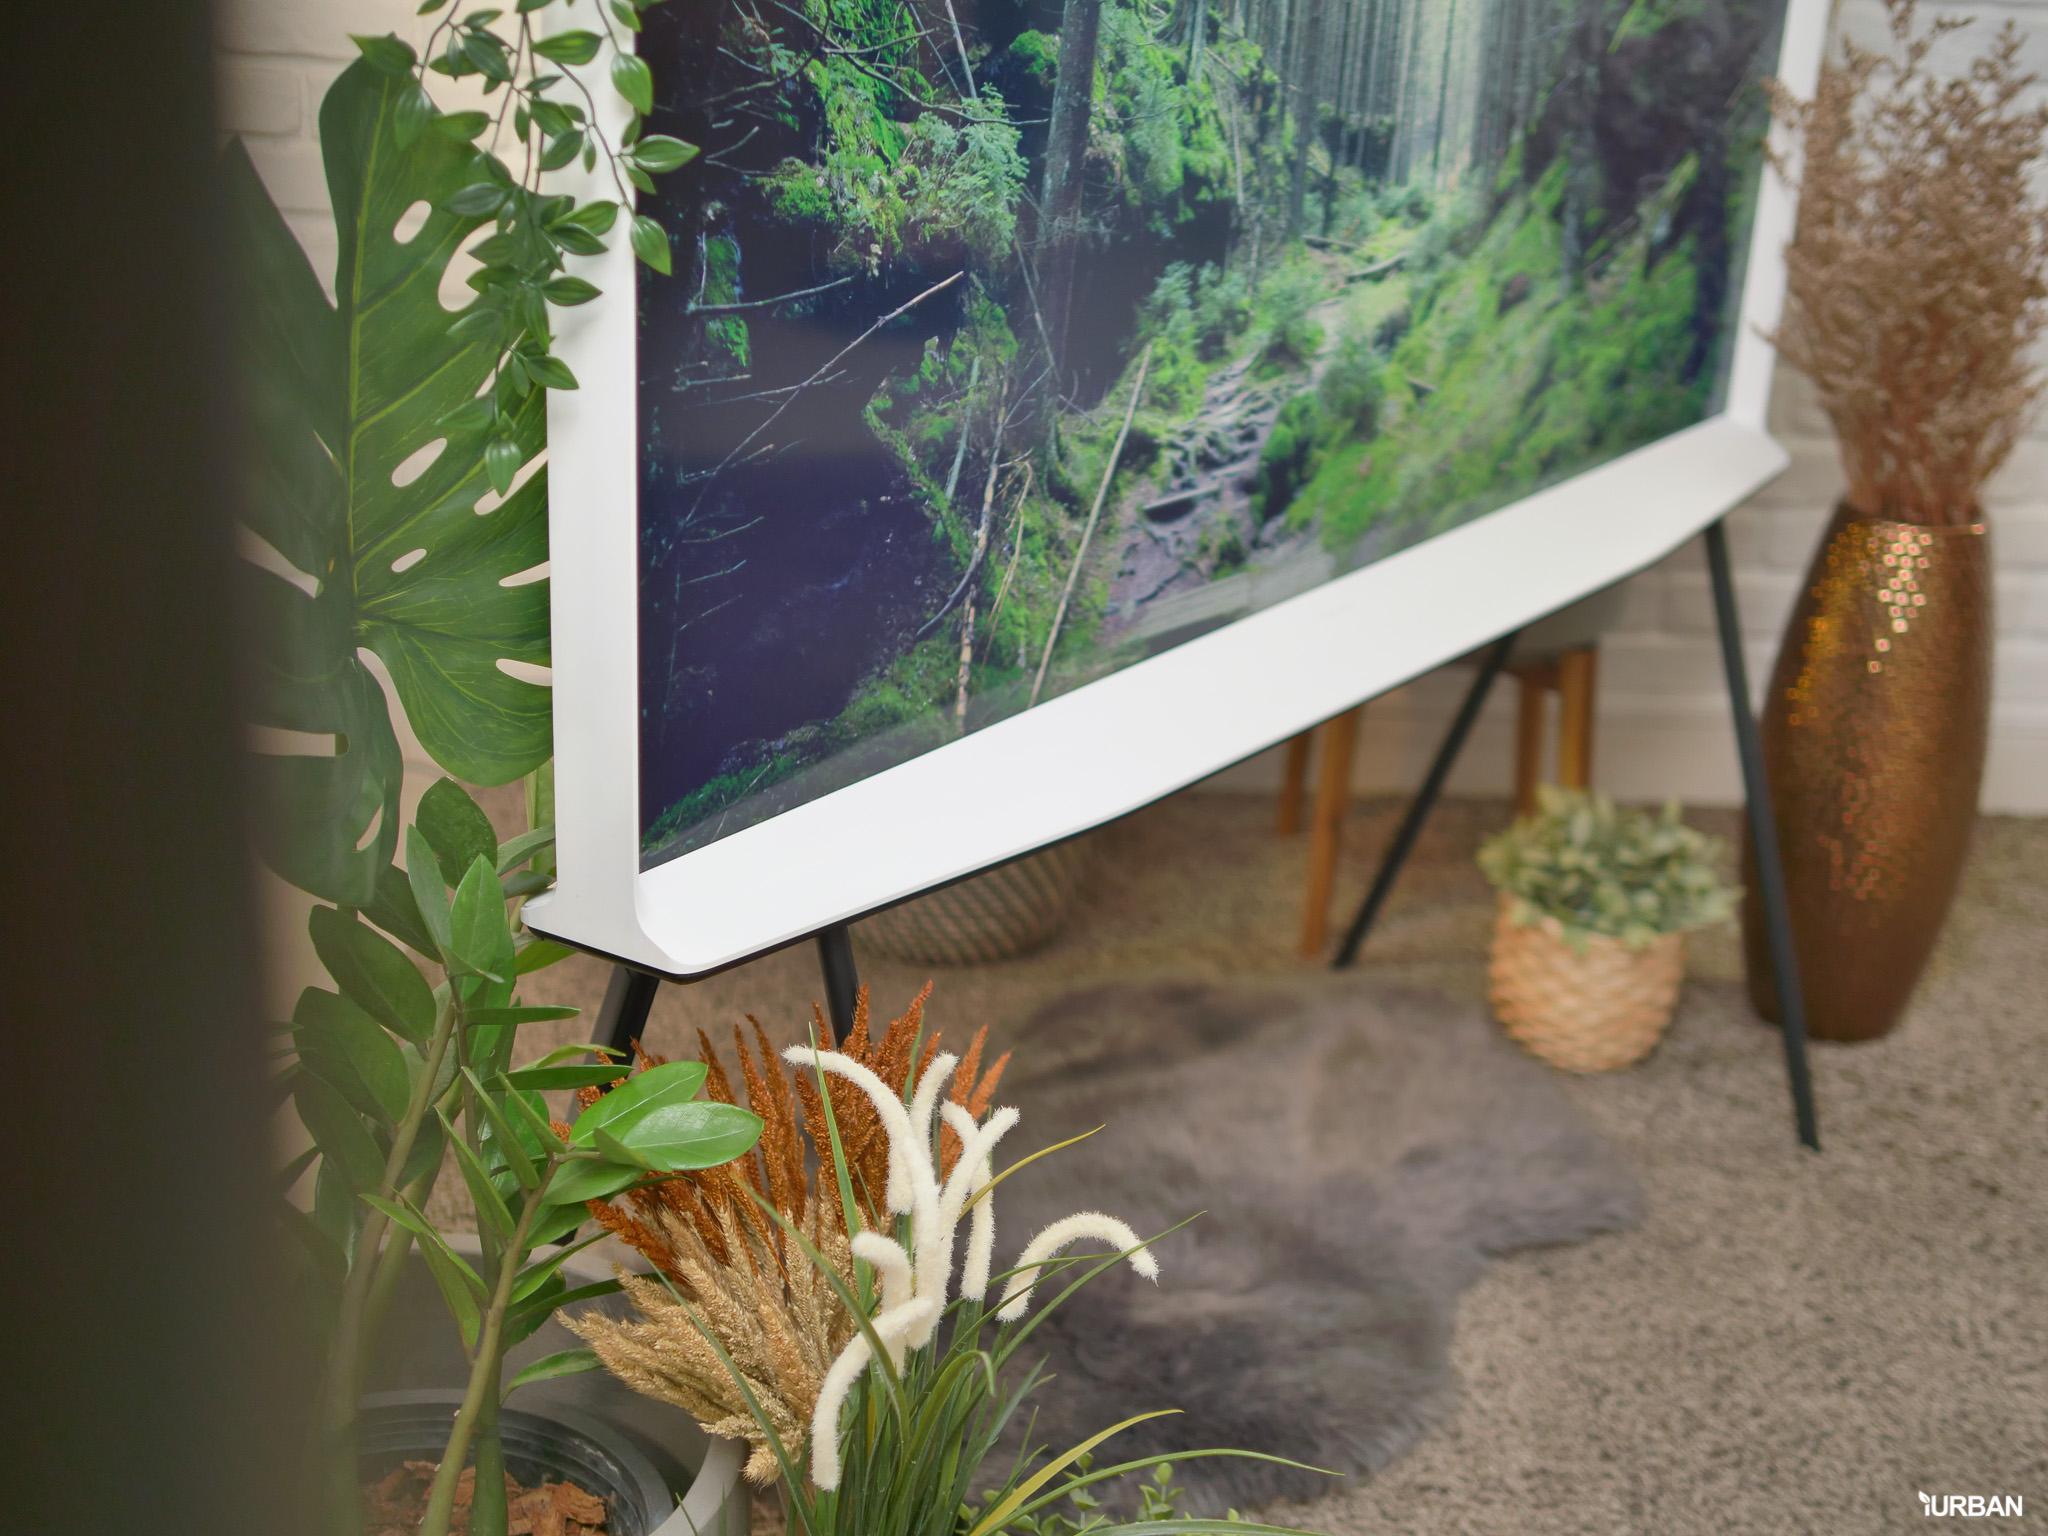 รีวิว 3 ทีวีที่สวยที่สุดเจนเนอเรชั่นนี้ The Frame The Serif และ The Sero 69 - decor